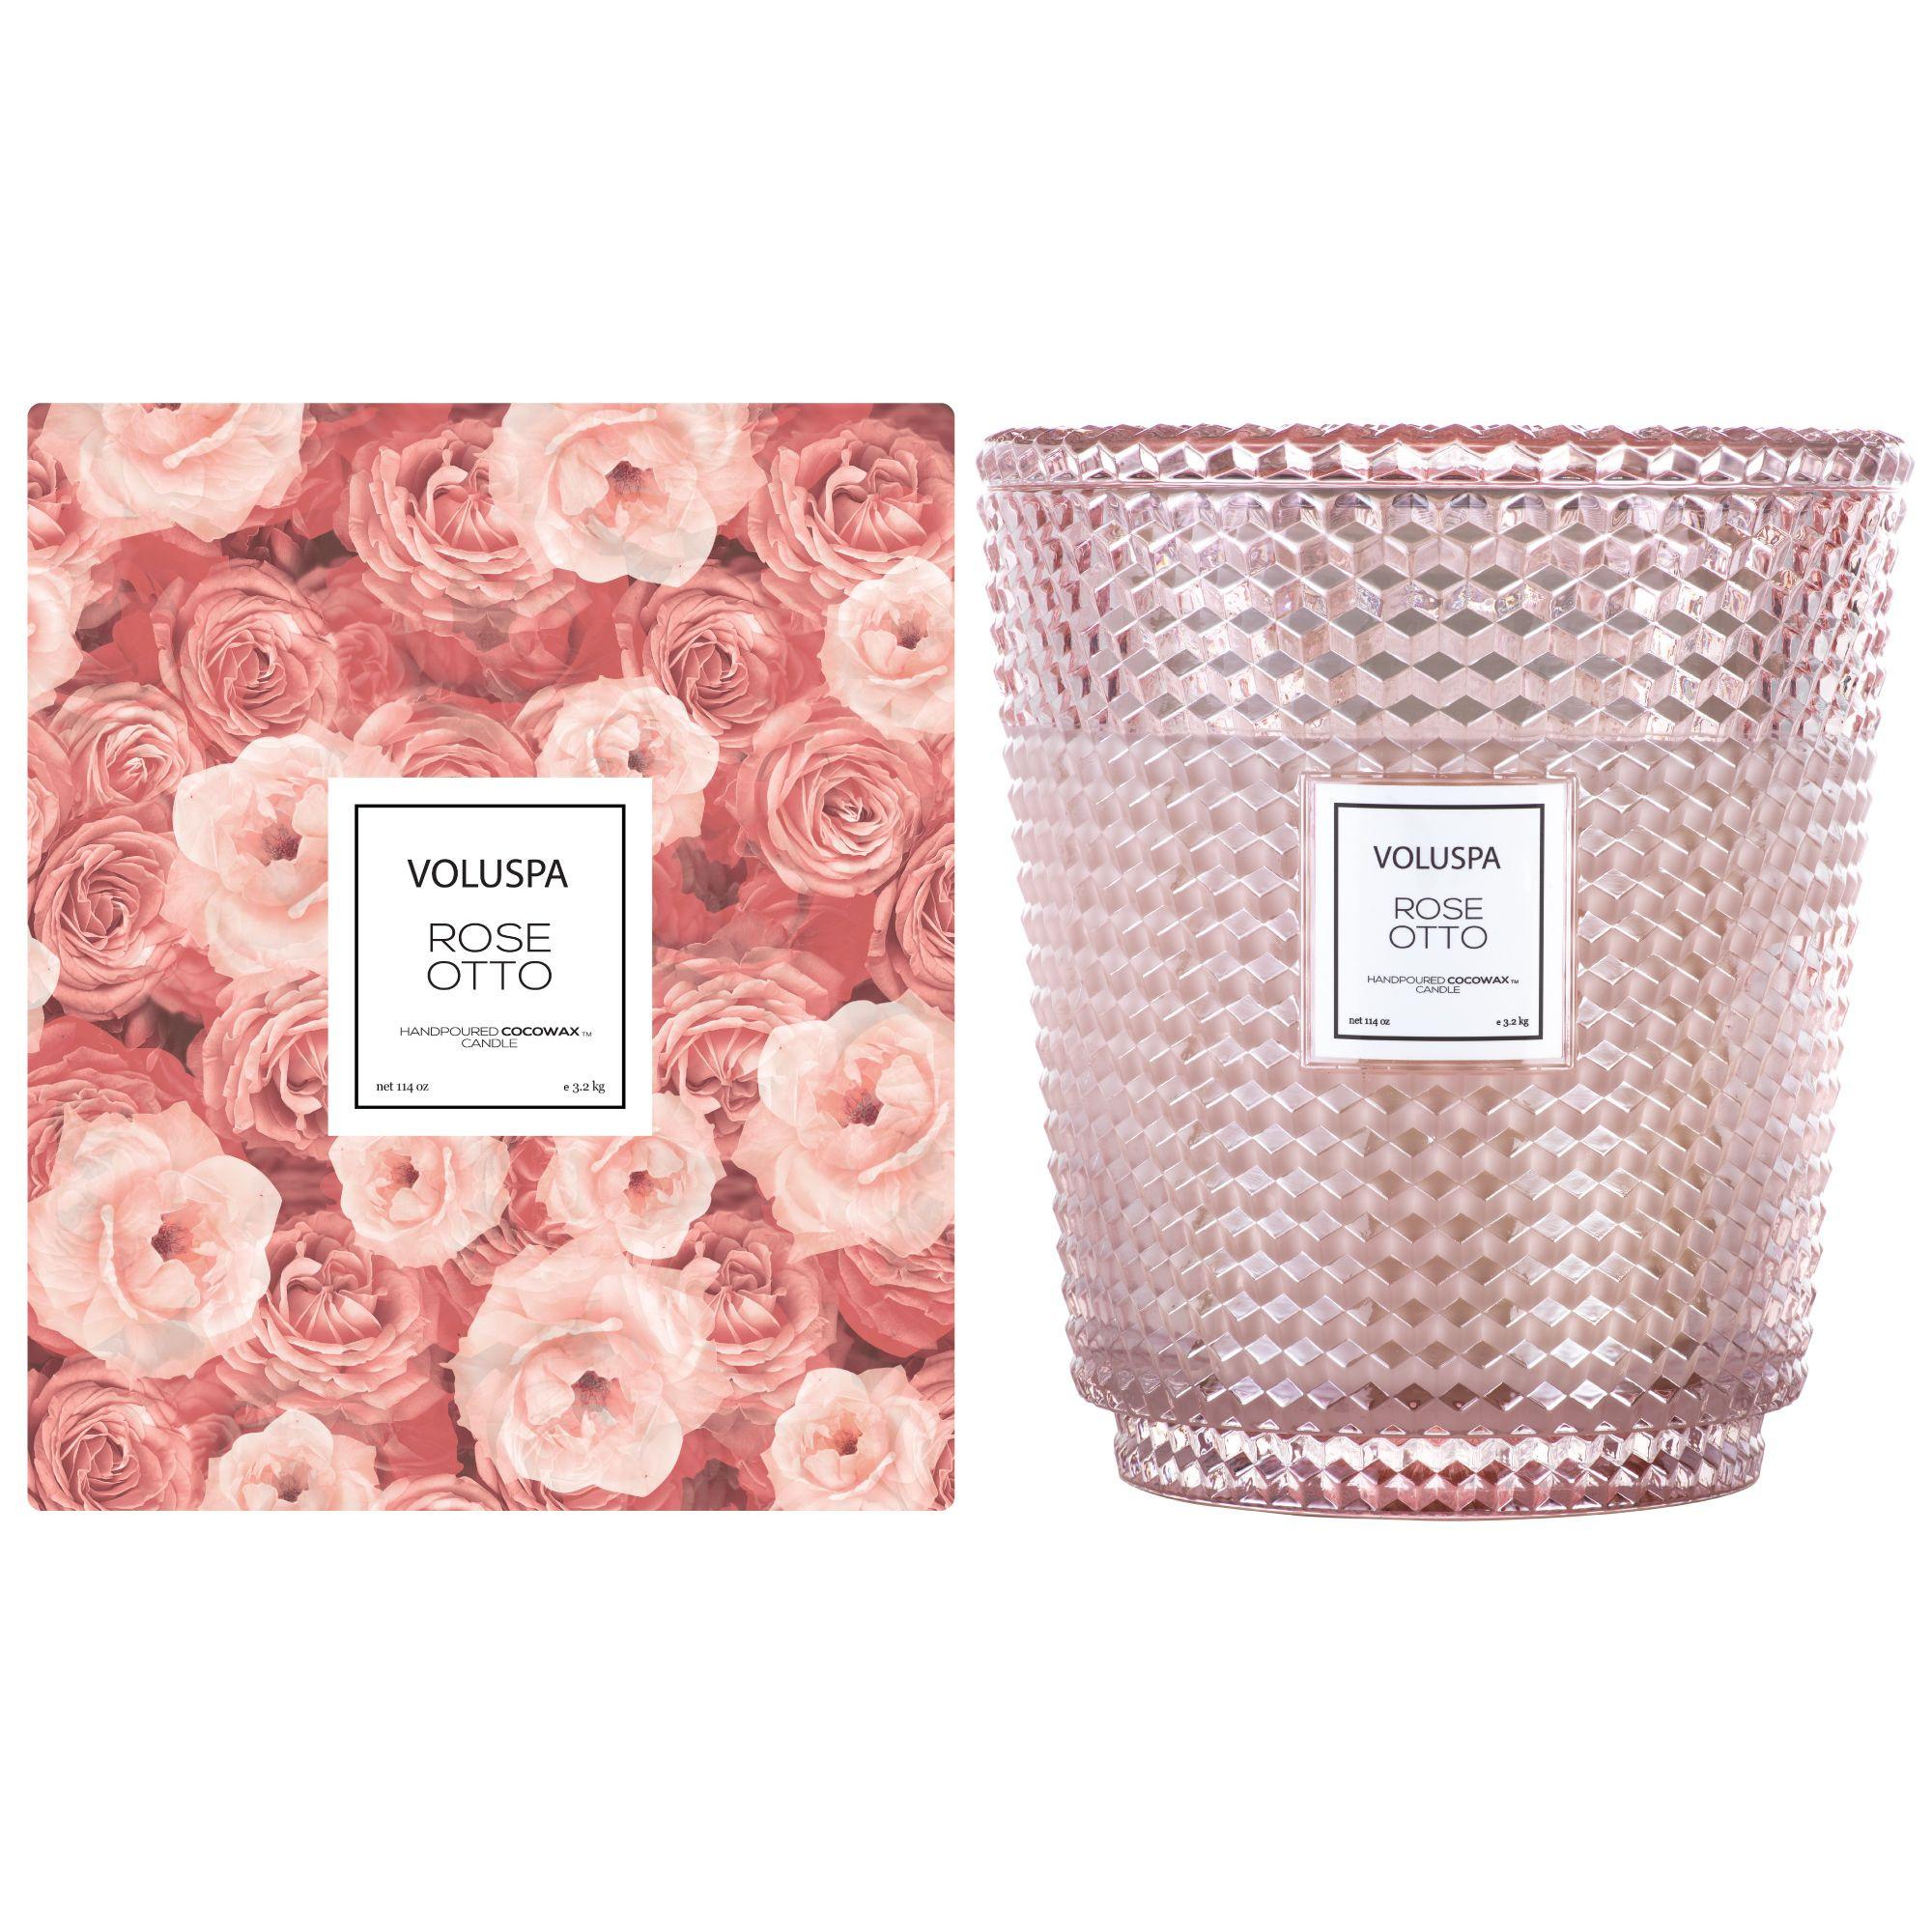 Voluspa Classic Glass Candle: Rose Otto